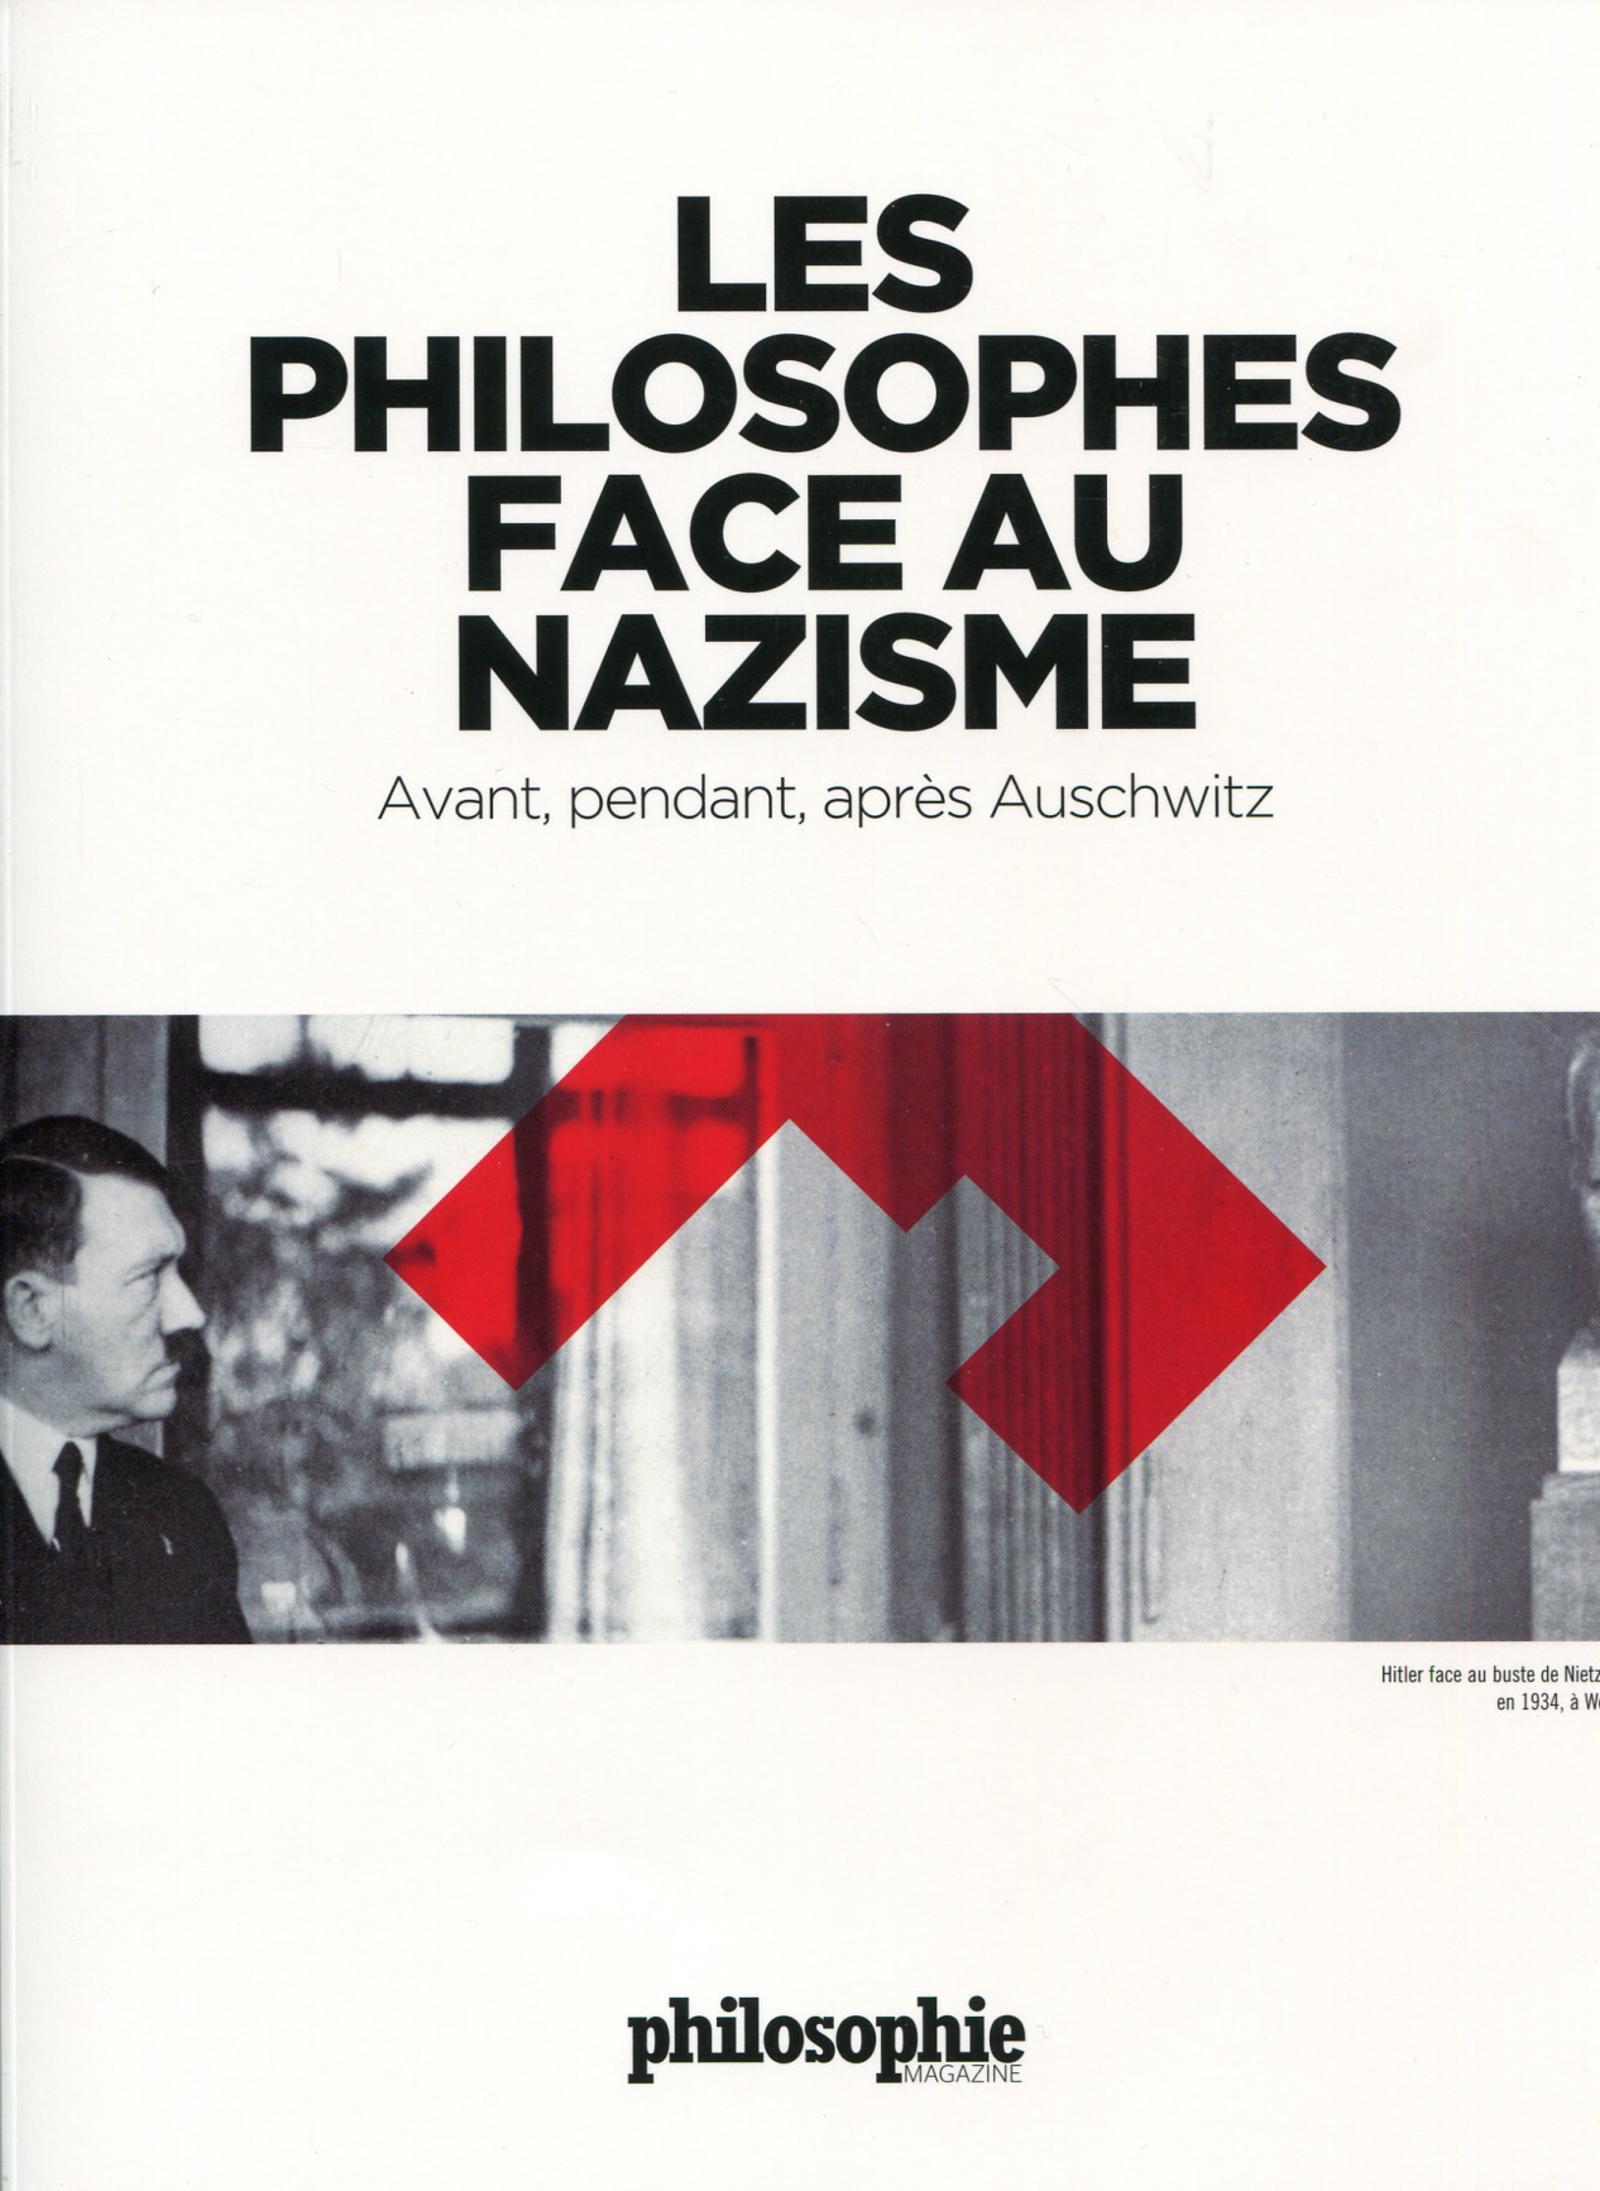 LES PHILOSOPHES FACE AU NAZISME AVANT PENDANT APRES AUSCHWITZ